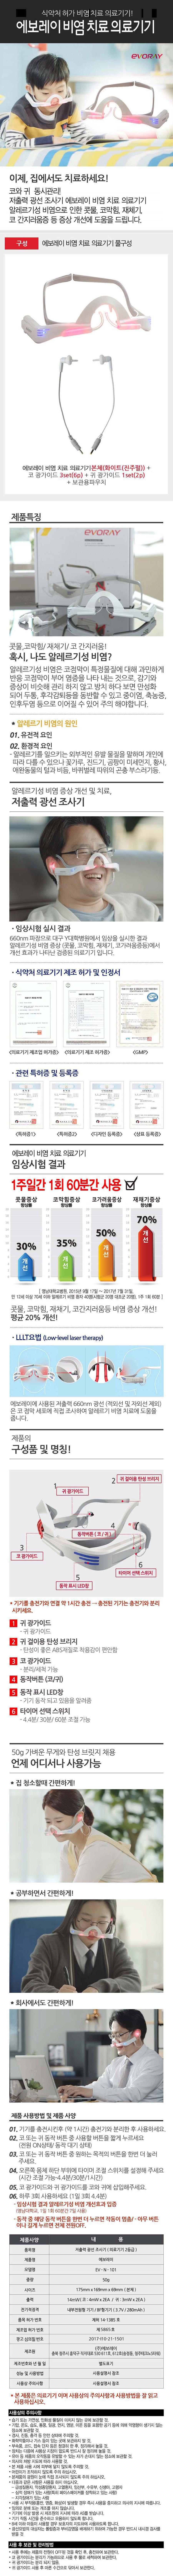 국산 헤드셋형 비염치료기 - 라이프스테이션, 298,000원, 안마/교정, 교정기구